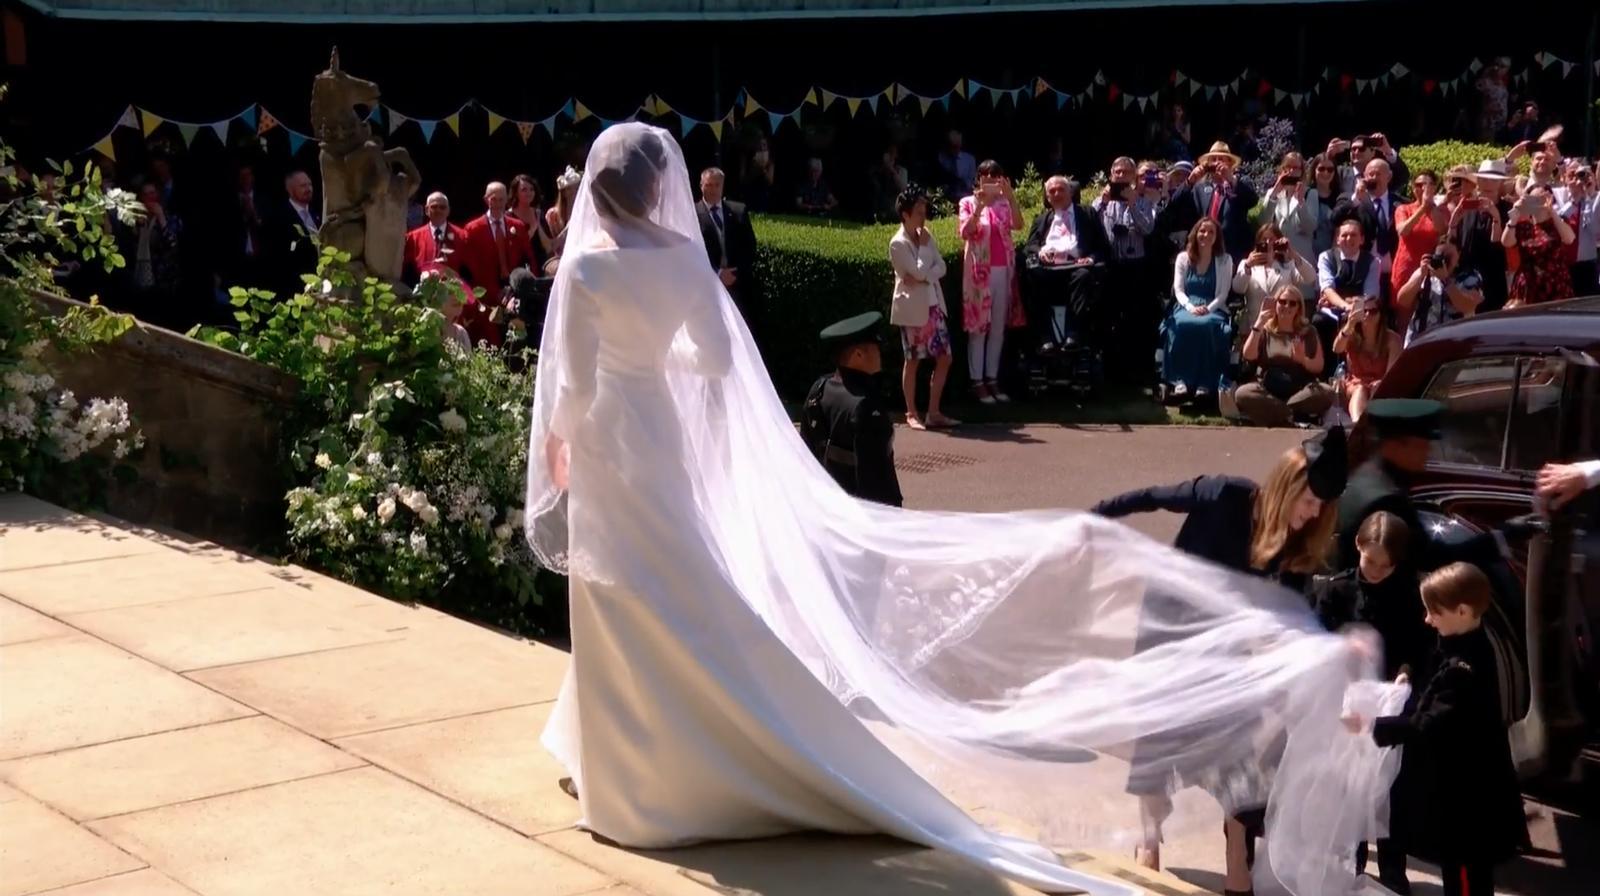 Kráľovská svadba Meghan a Harryho - Obrázok č. 65